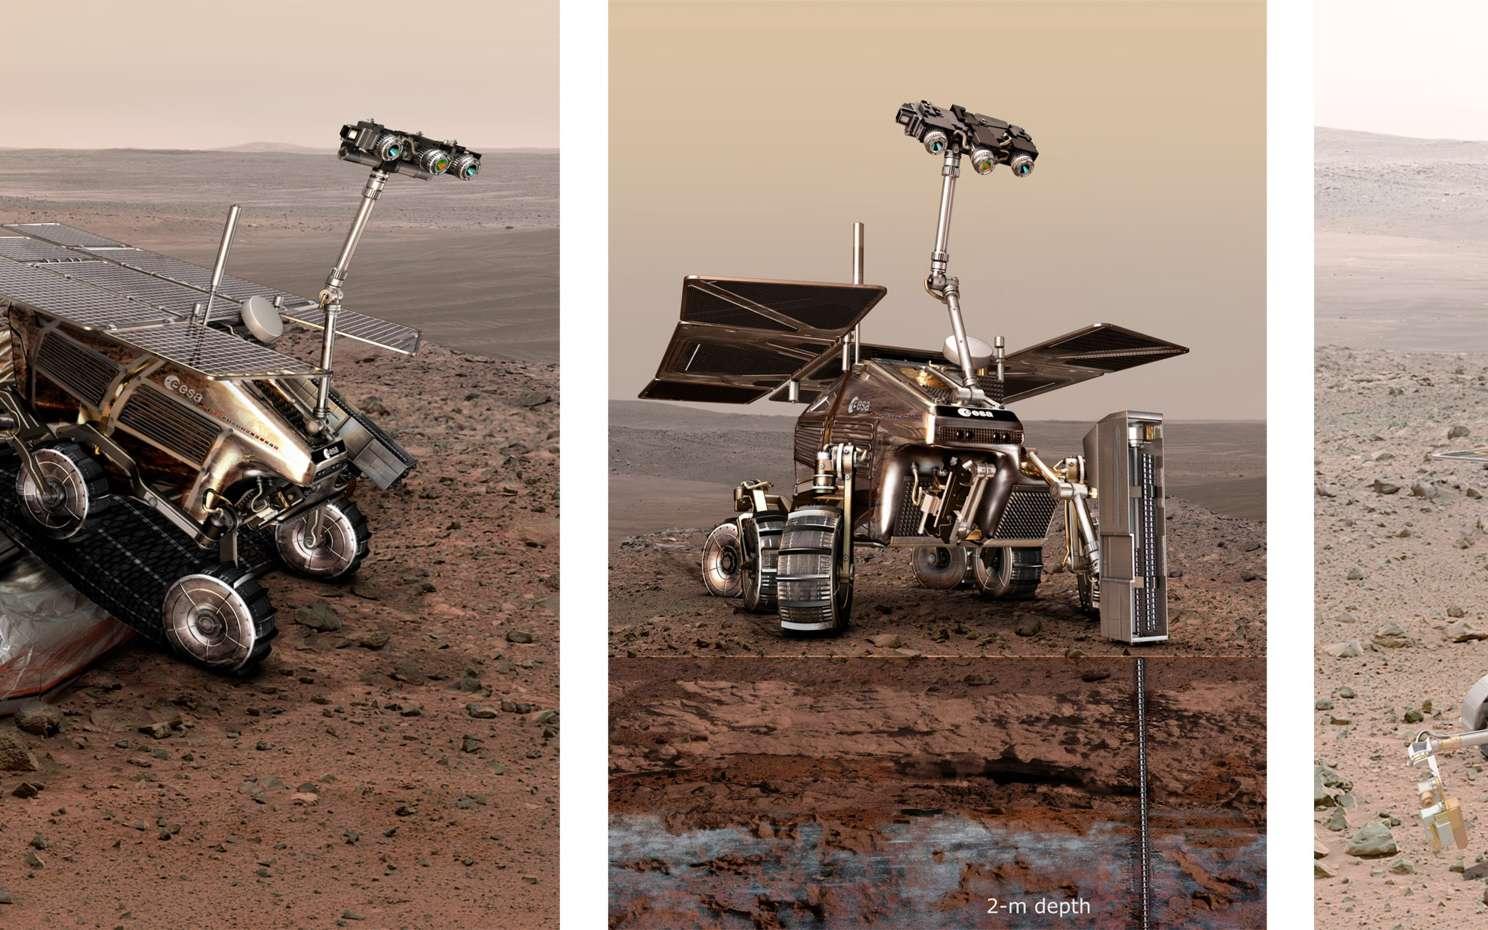 Deux concepts exploratoires du rover ExoMars 2018. L'image de gauche montre le concept actuellement à l'étude. Celui de droite date des années 2005, aujourd'hui abandonné. © Esa